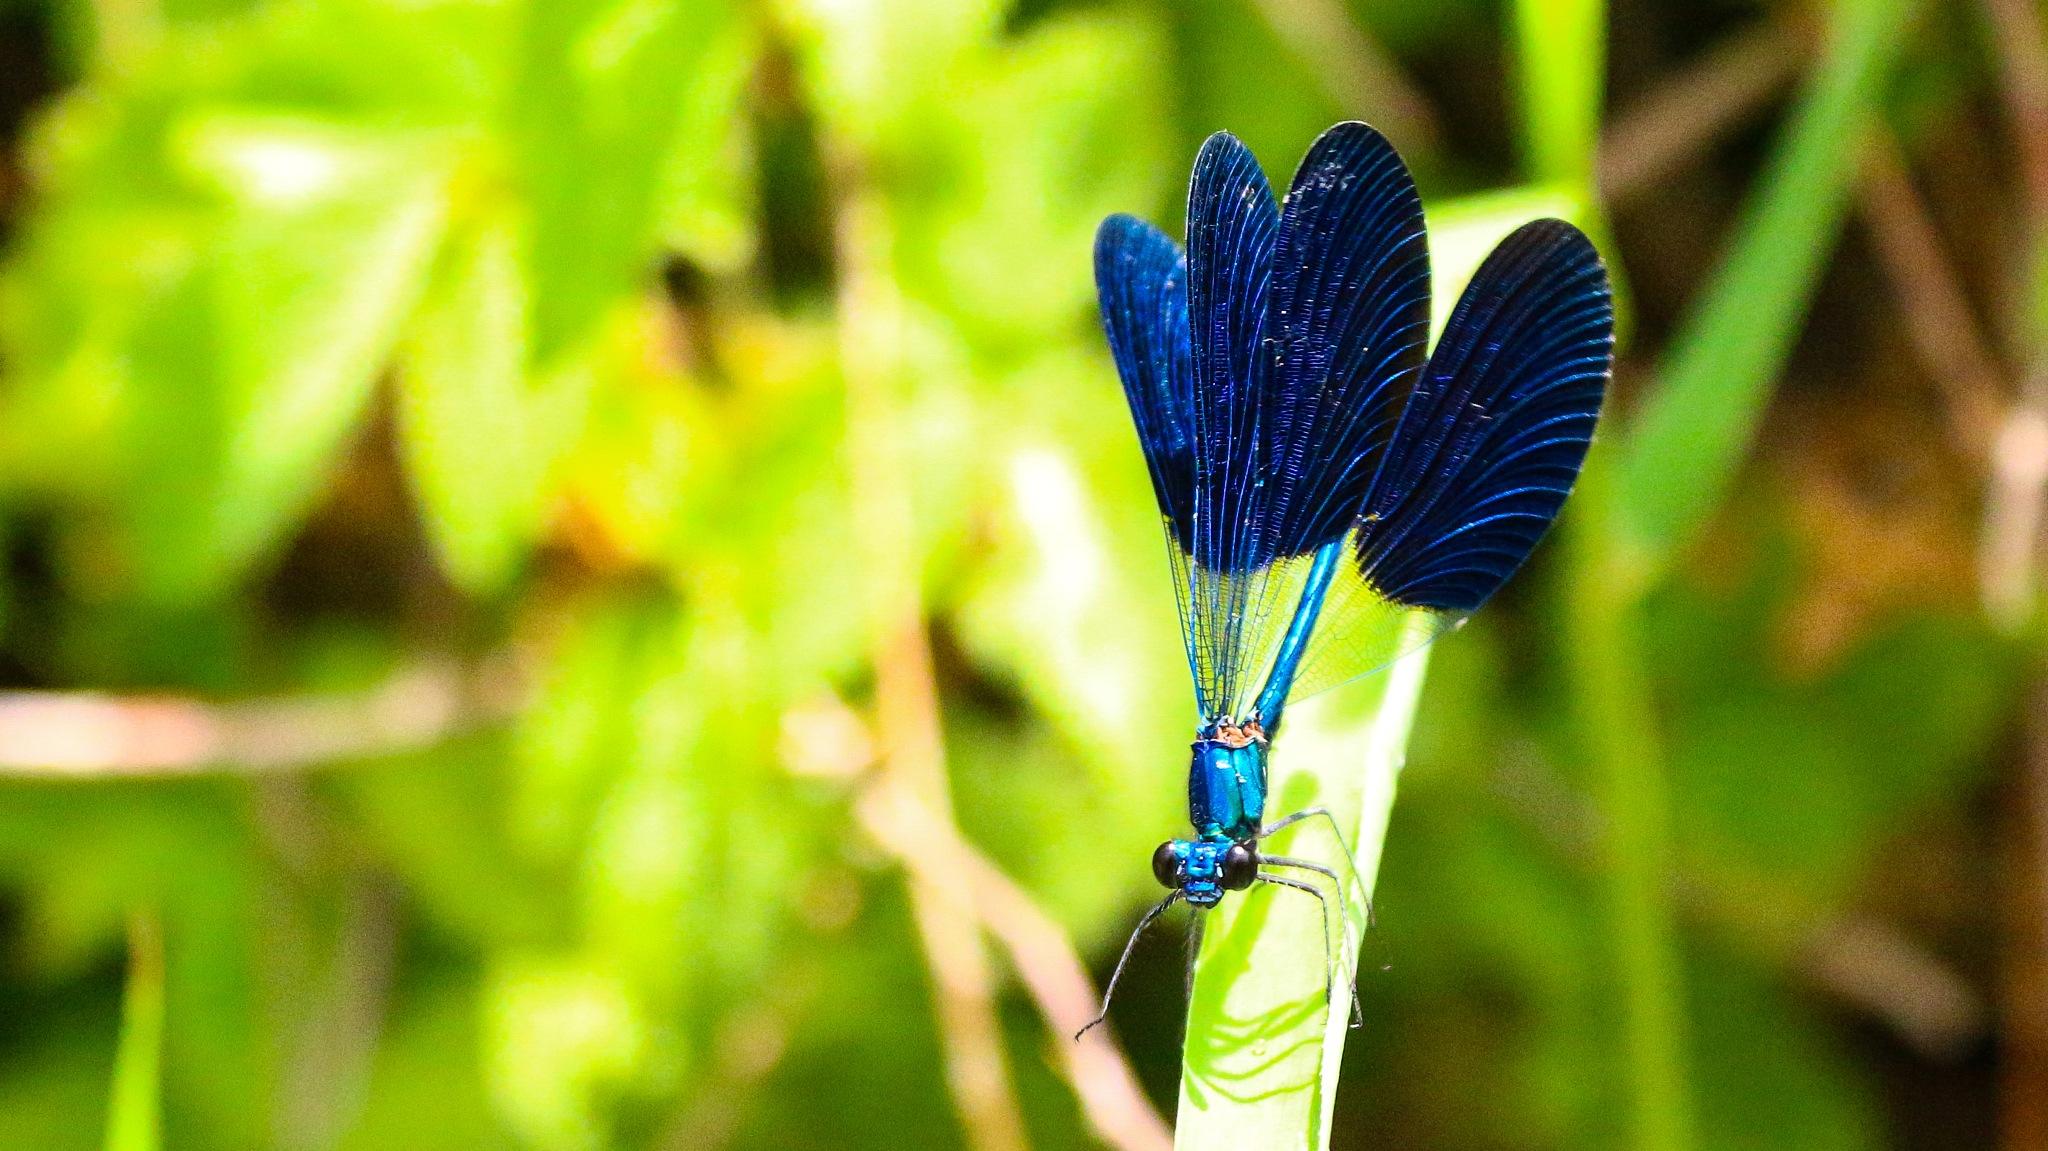 dragonfly by ahmad